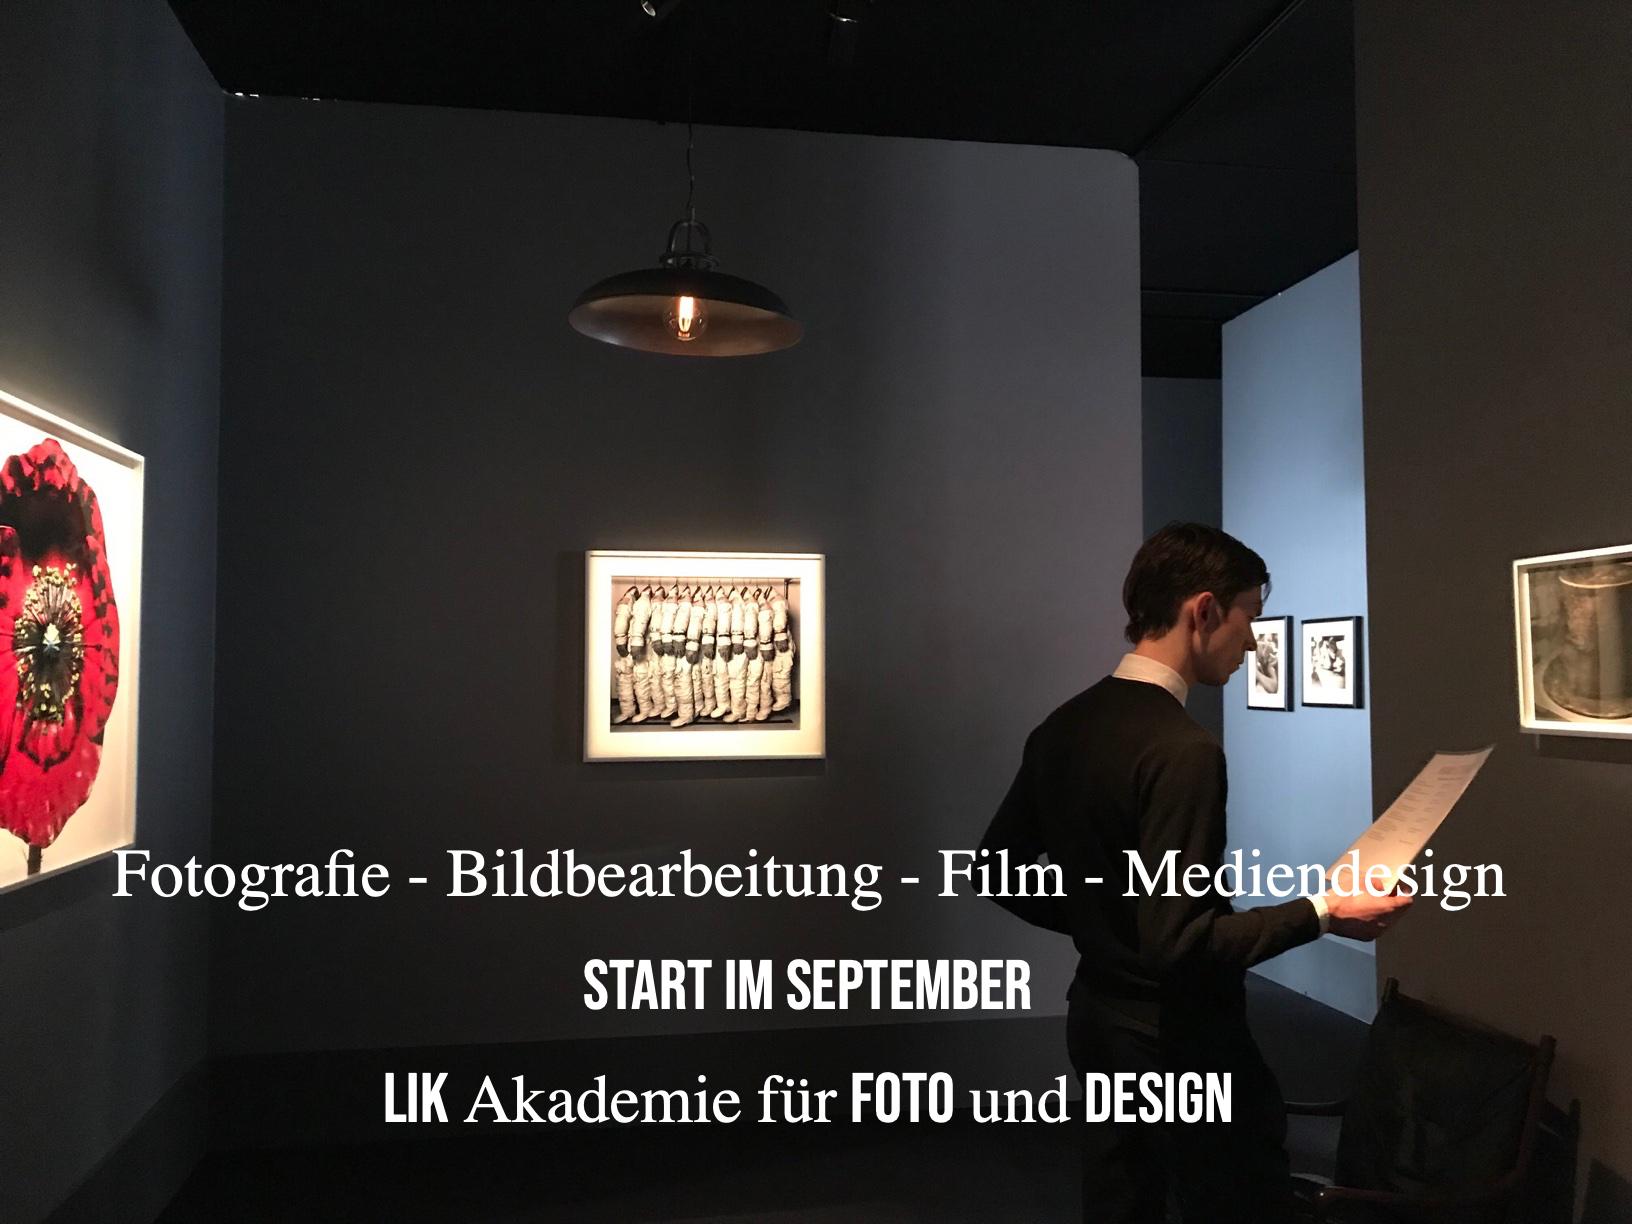 Ausbildung Fotografie, Film und Mediendesign - LIK Akademie für Foto und Design